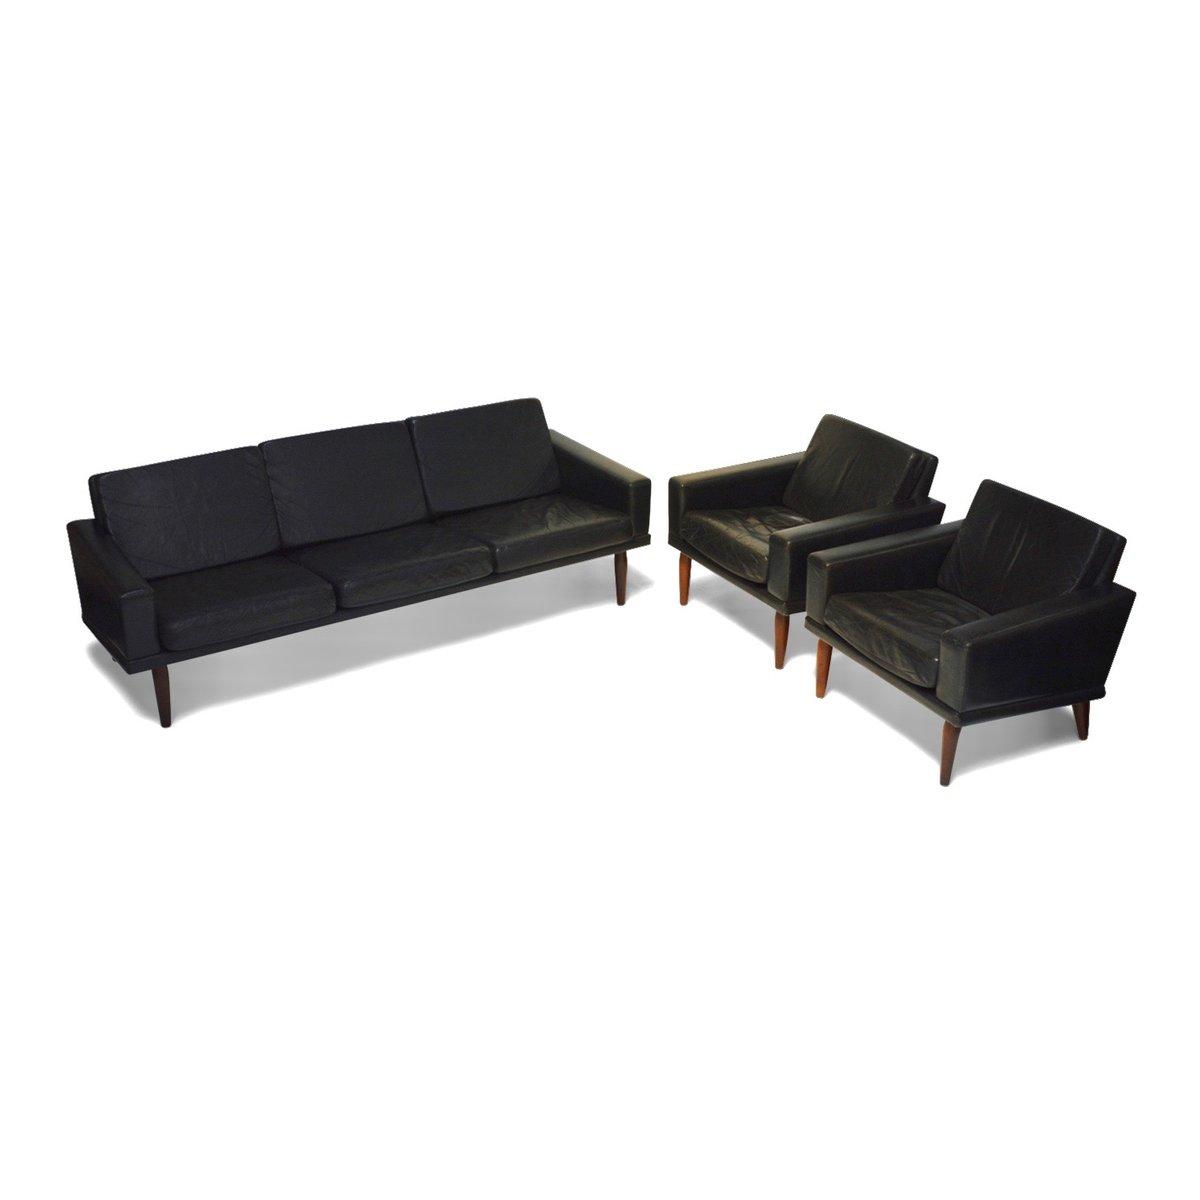 drei sitzer sofa aus leder palisander von bovenkamp 1960er bei pamono kaufen. Black Bedroom Furniture Sets. Home Design Ideas